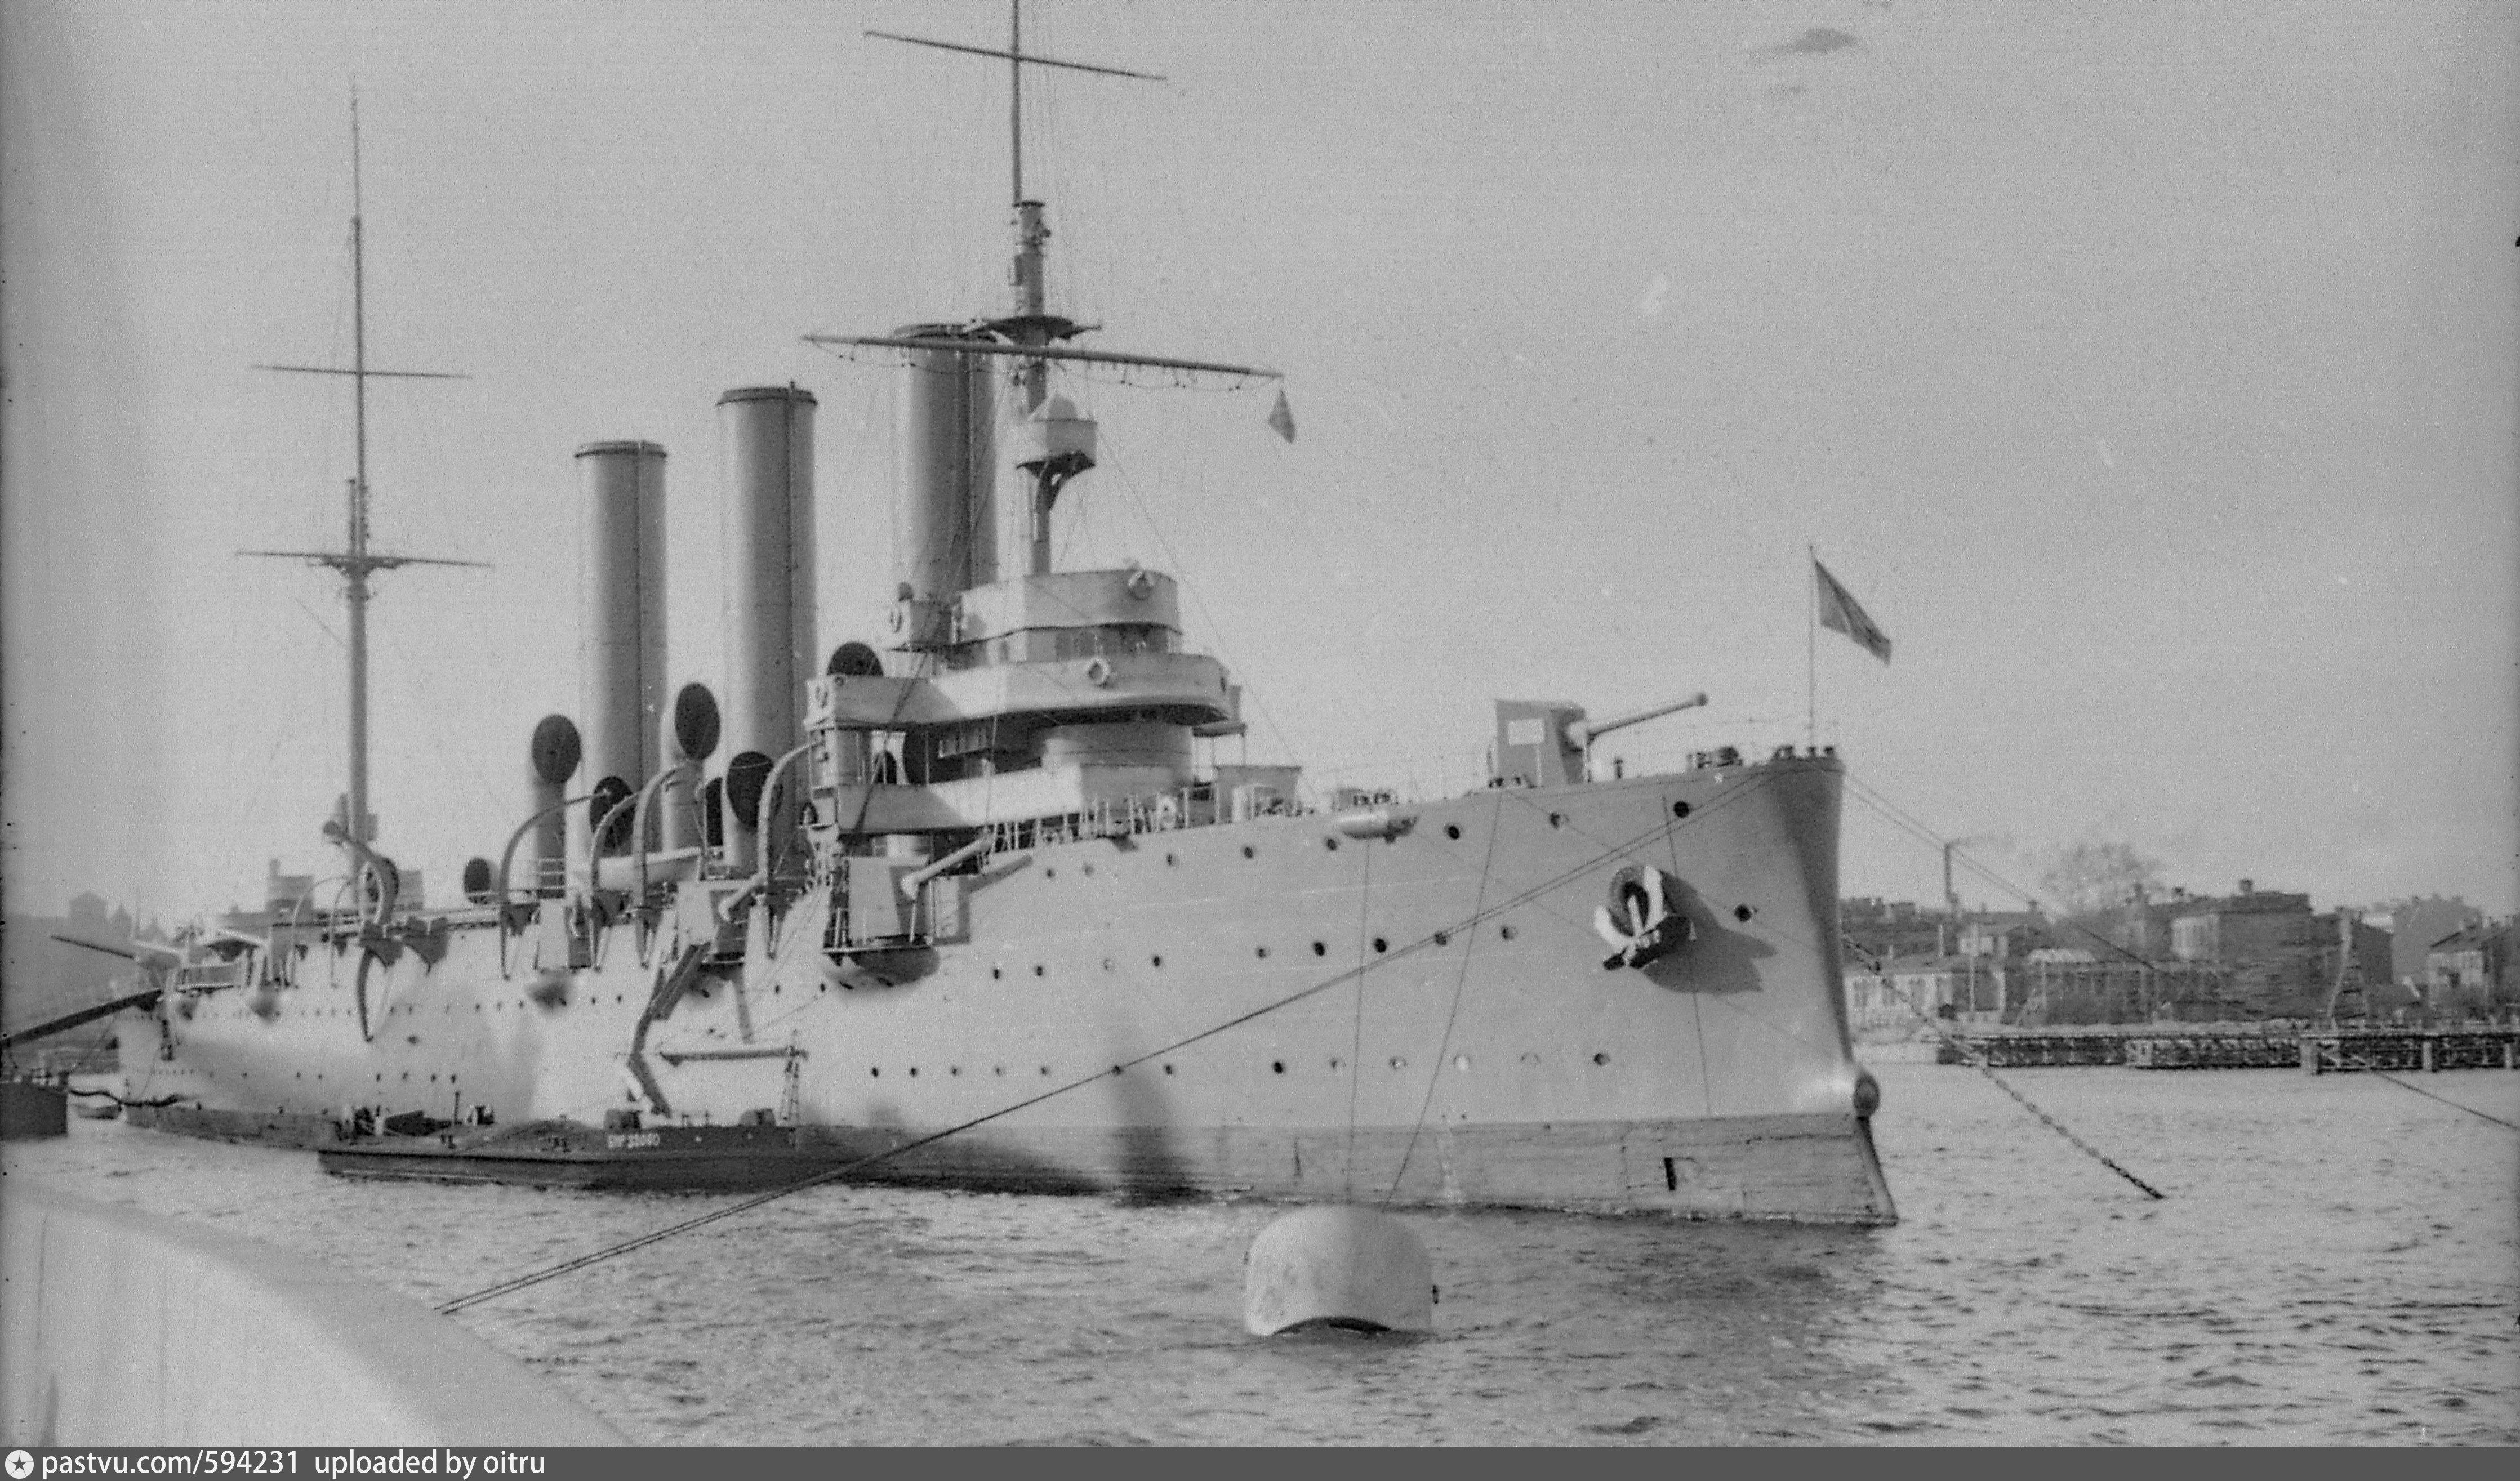 примеру, некоторые картинка крейсер сверху в порту ессентуках